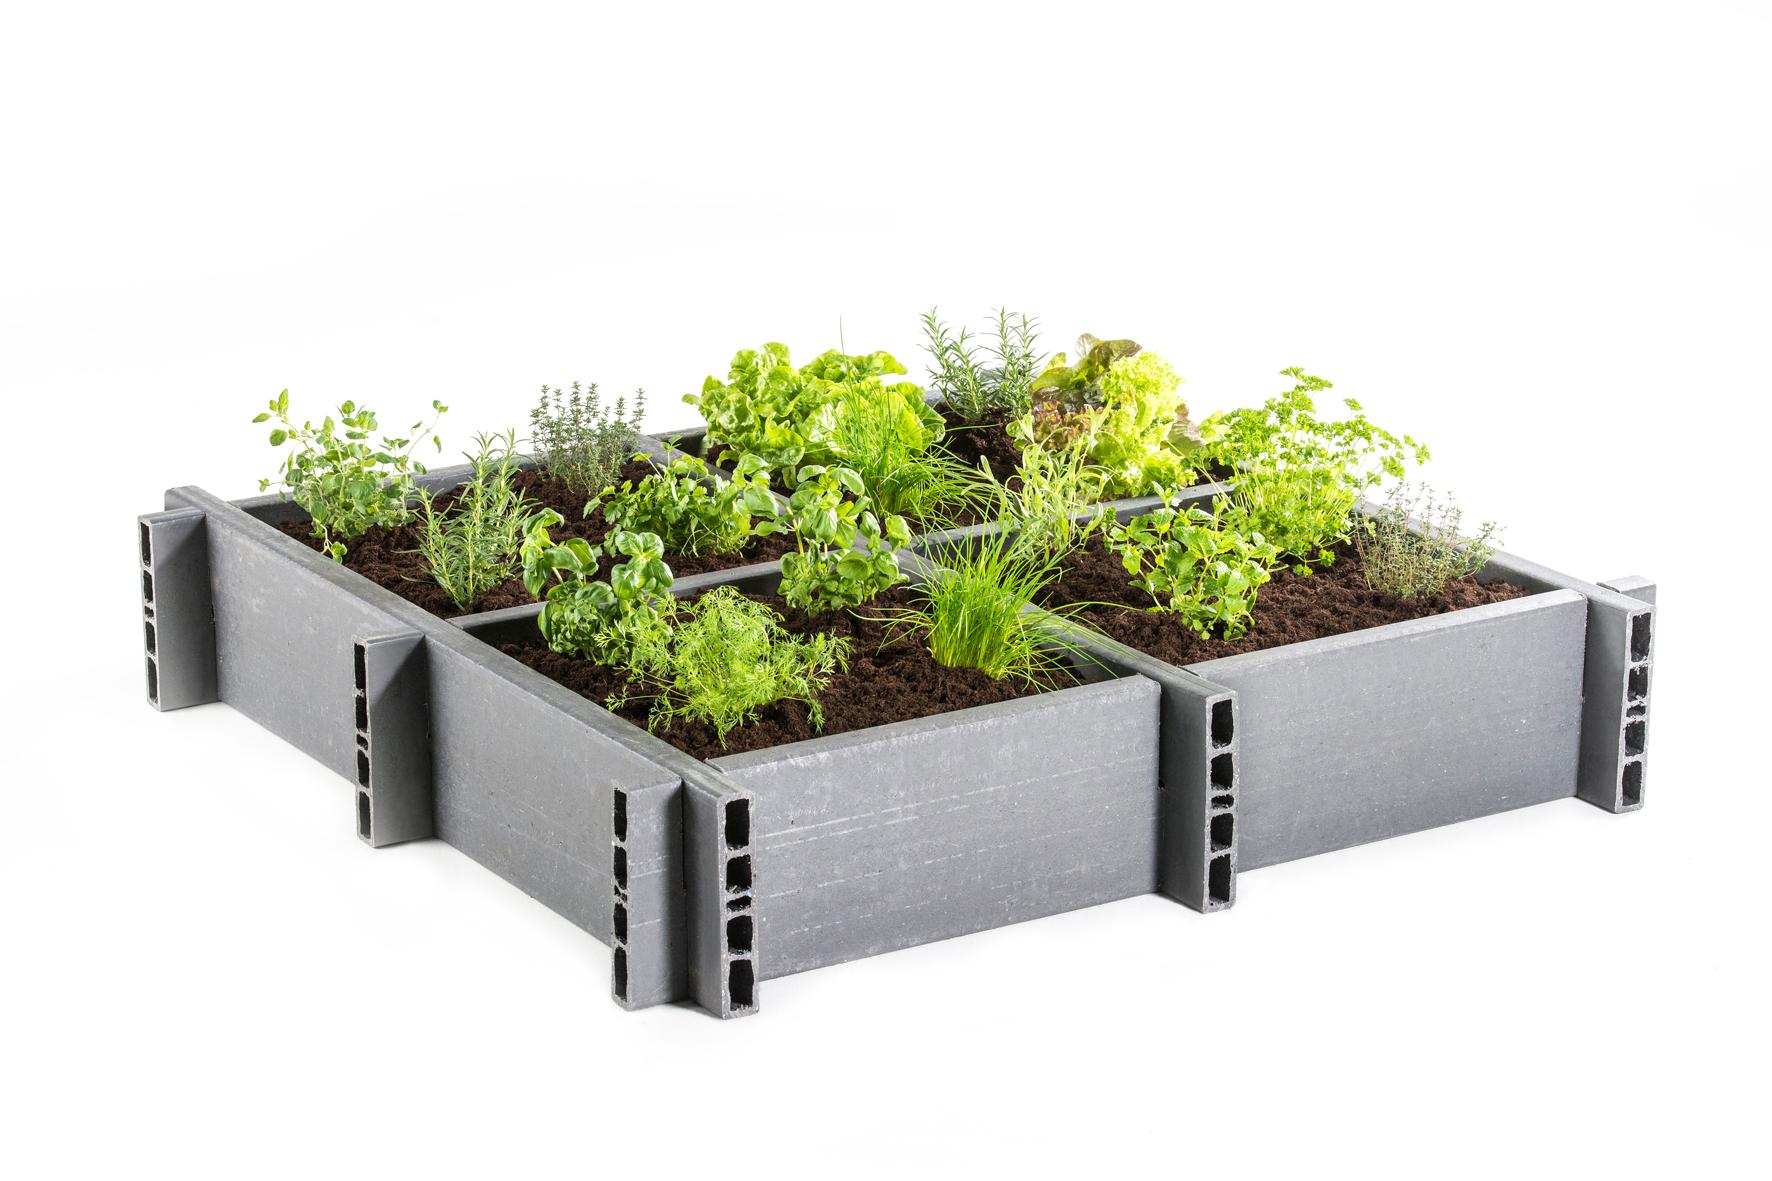 Bac potager ecoplanc achat en ligne ou dans notre magasin for Achat plantes jardin en ligne